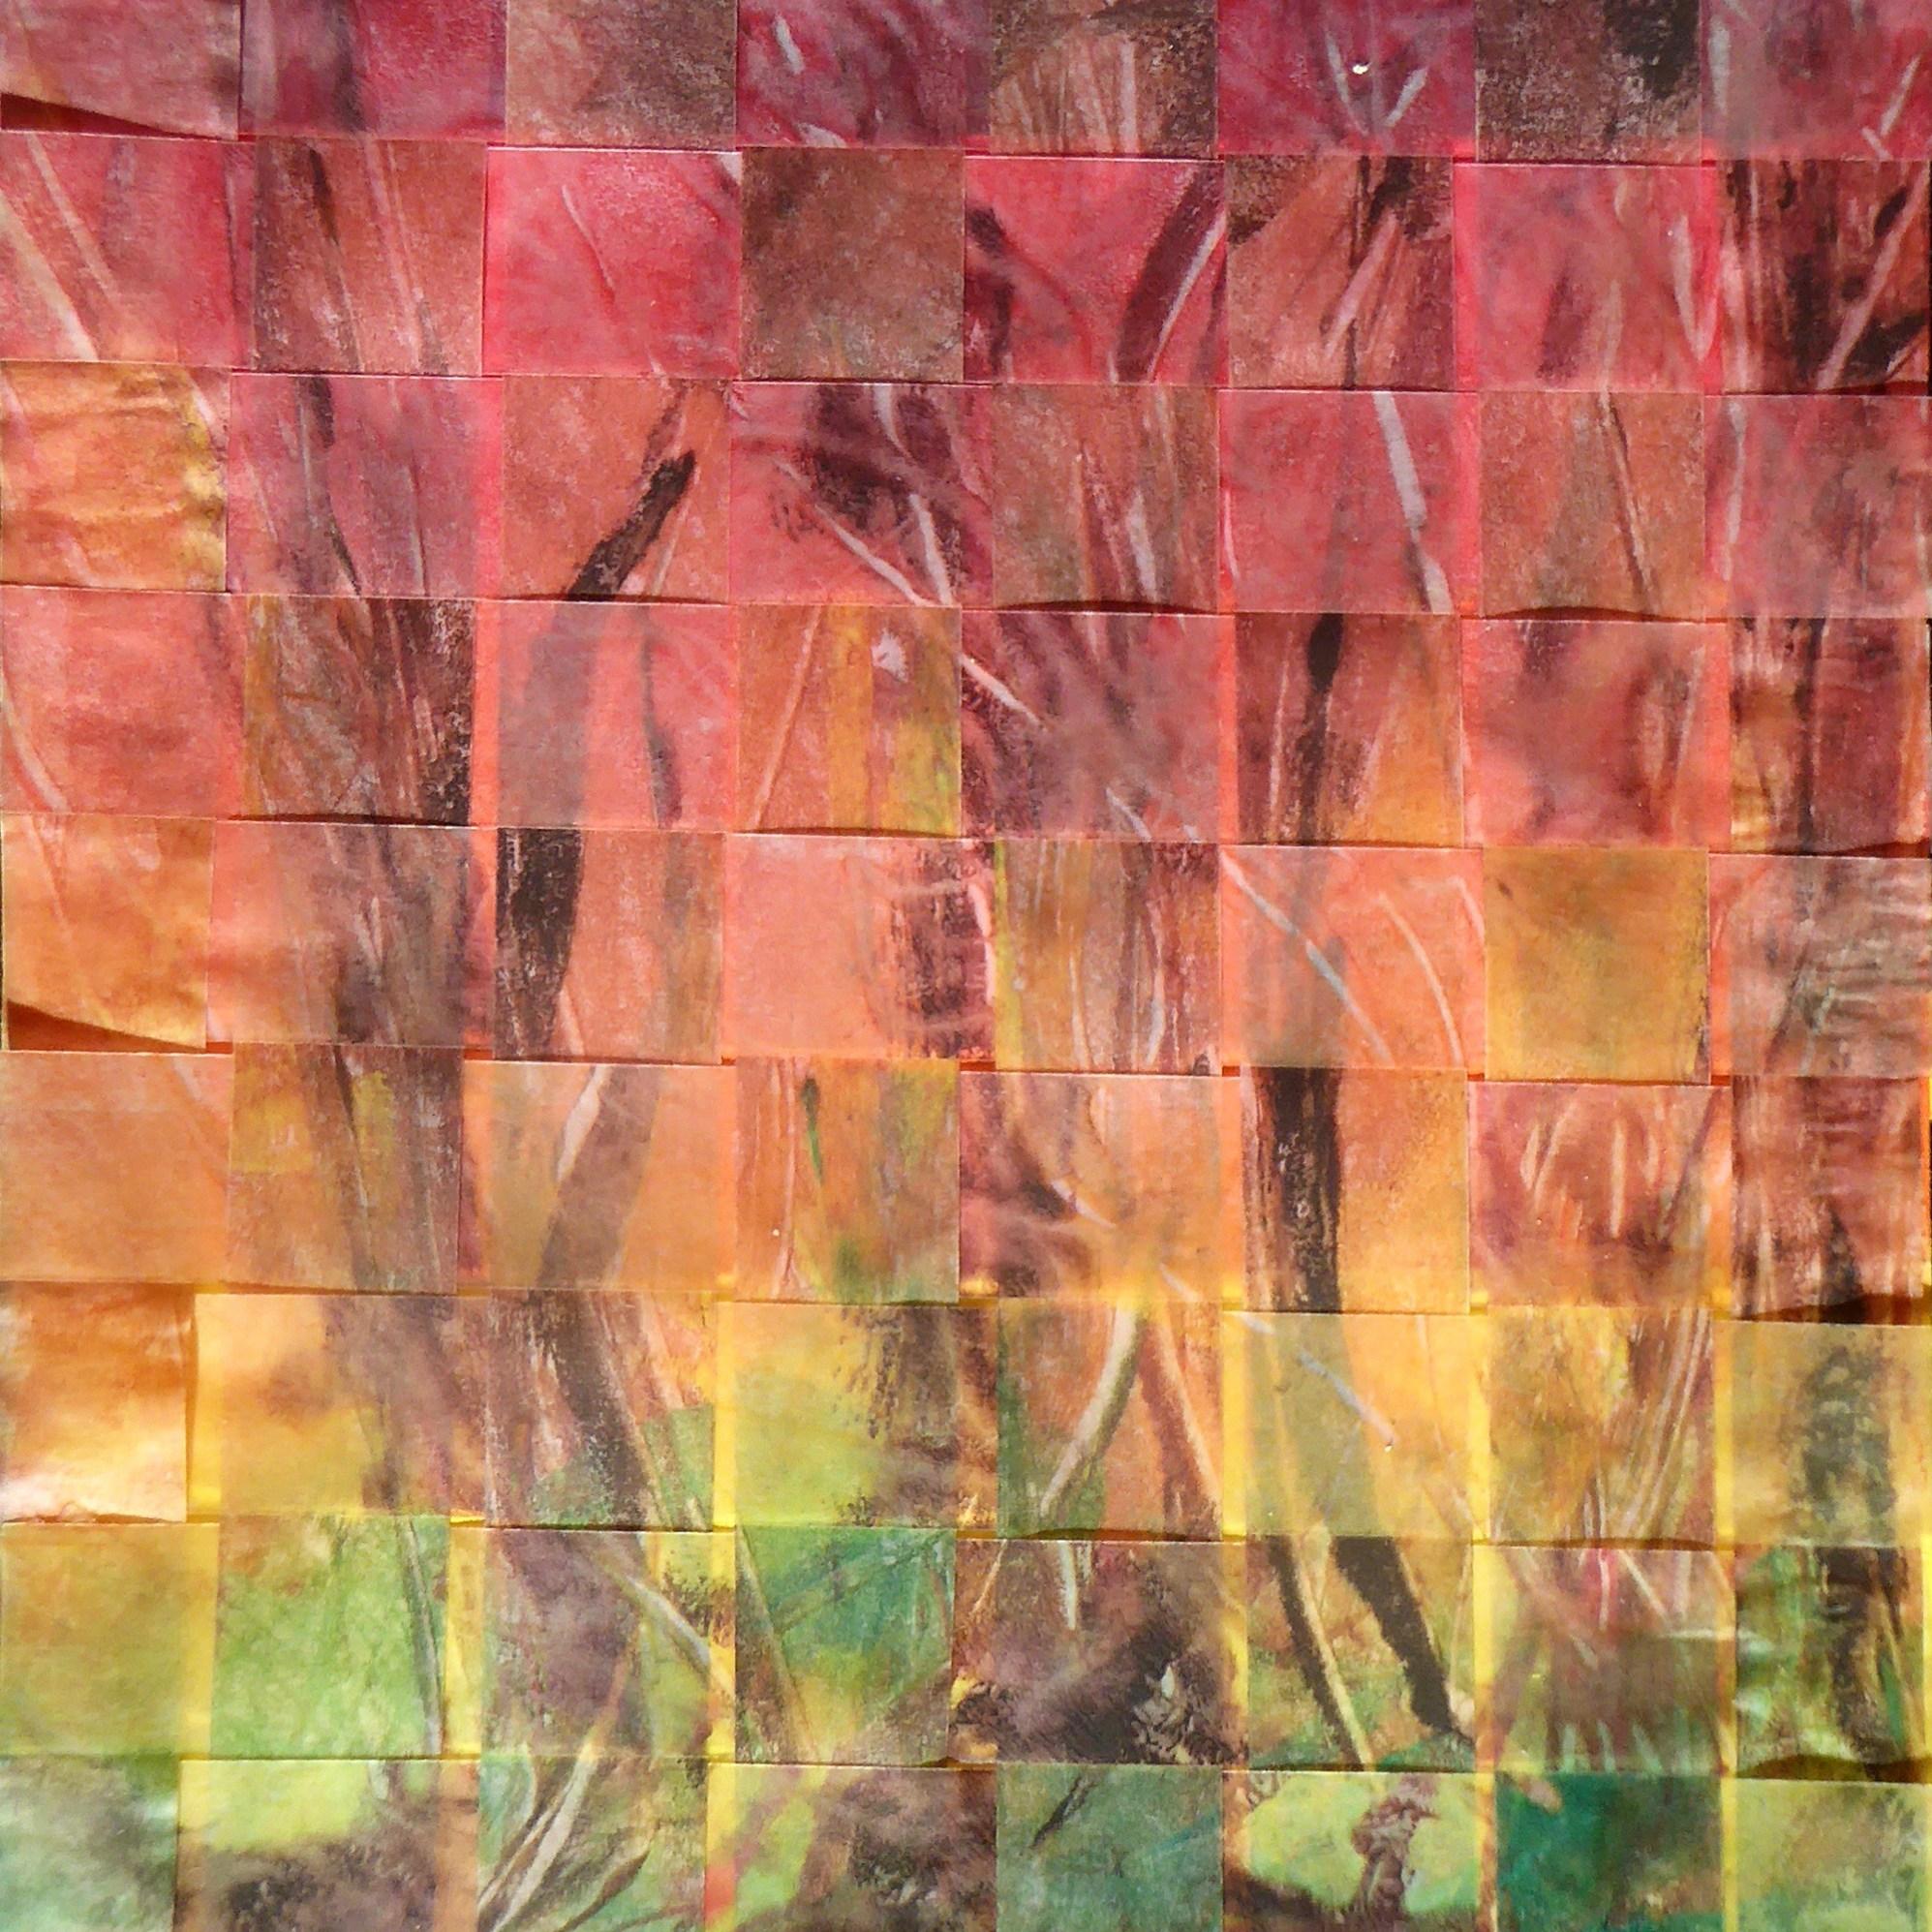 Woven Forest 1 of 3 - Julie Erreca